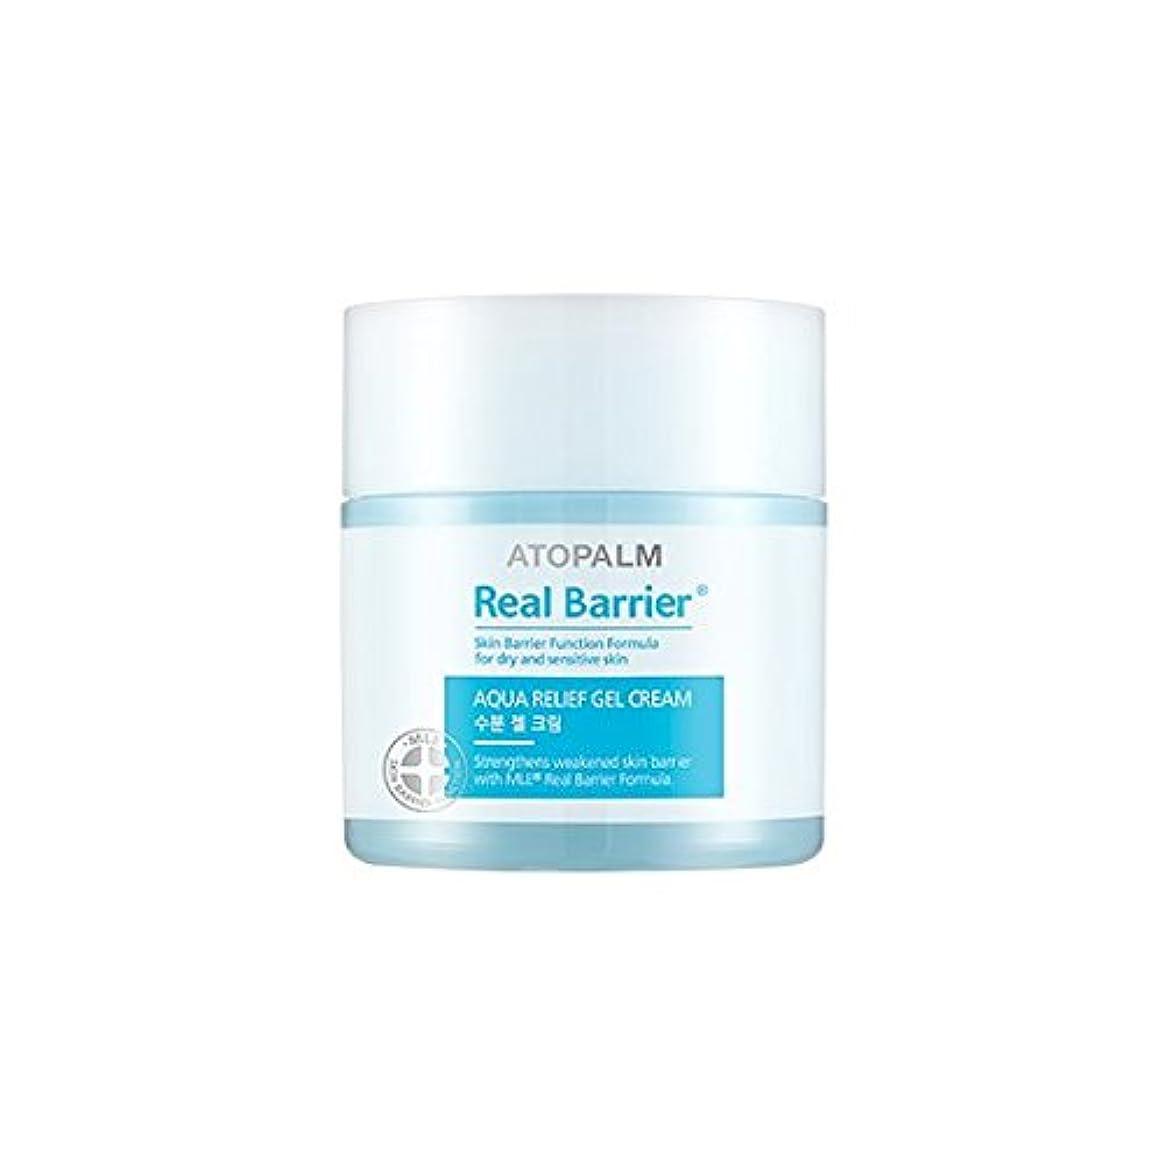 切手歩くほとんどないATOPALM Real Barrier Aqua Relief Gel Cream 50ml/アトパーム リアル バリア アクア リリーフ ジェル クリーム 50ml [並行輸入品]